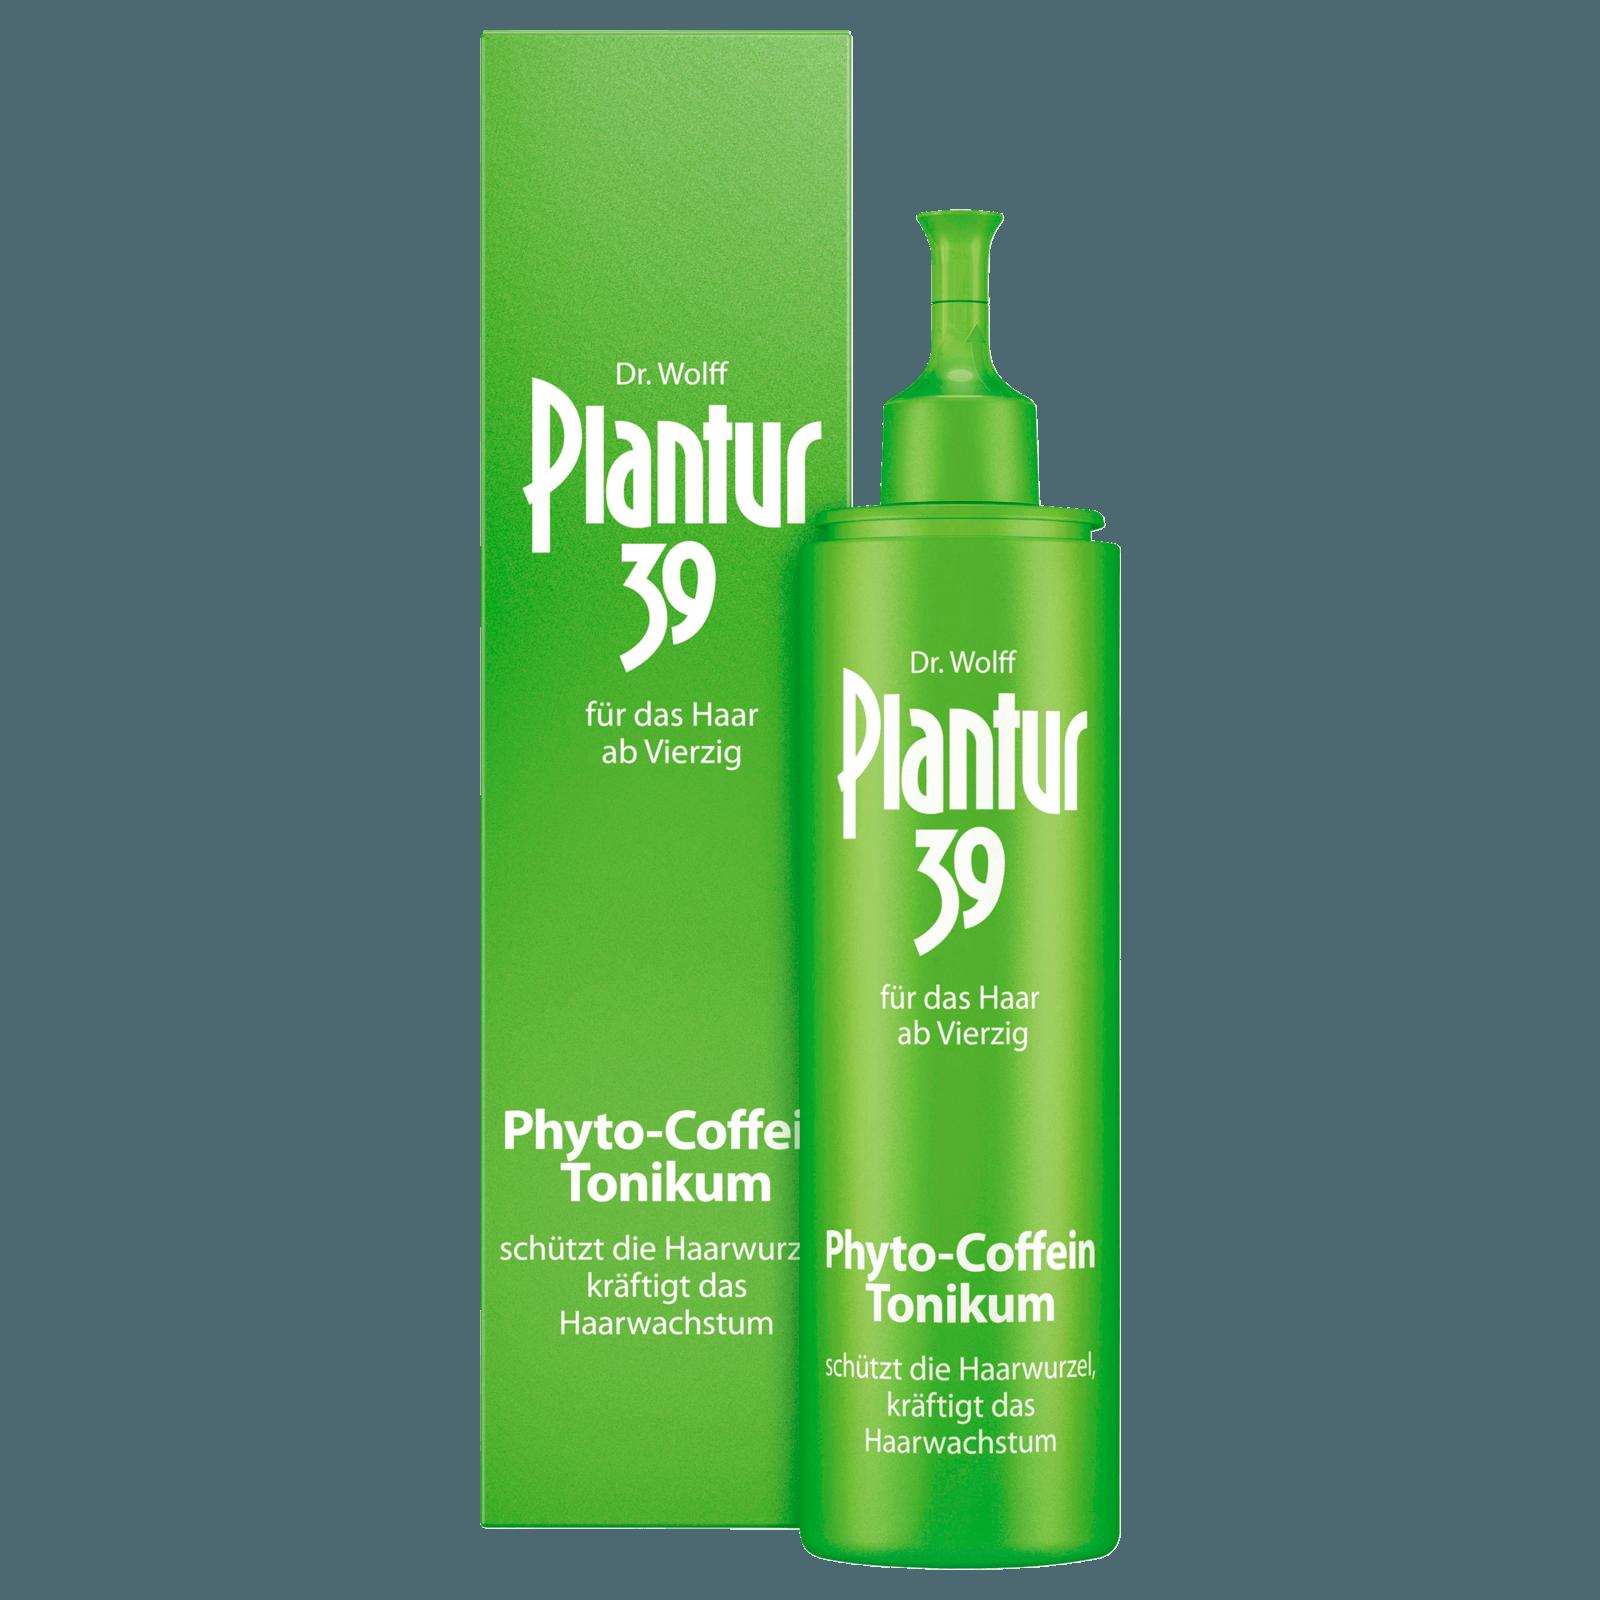 Plantur 39 Coffein-Tonikum 200ml